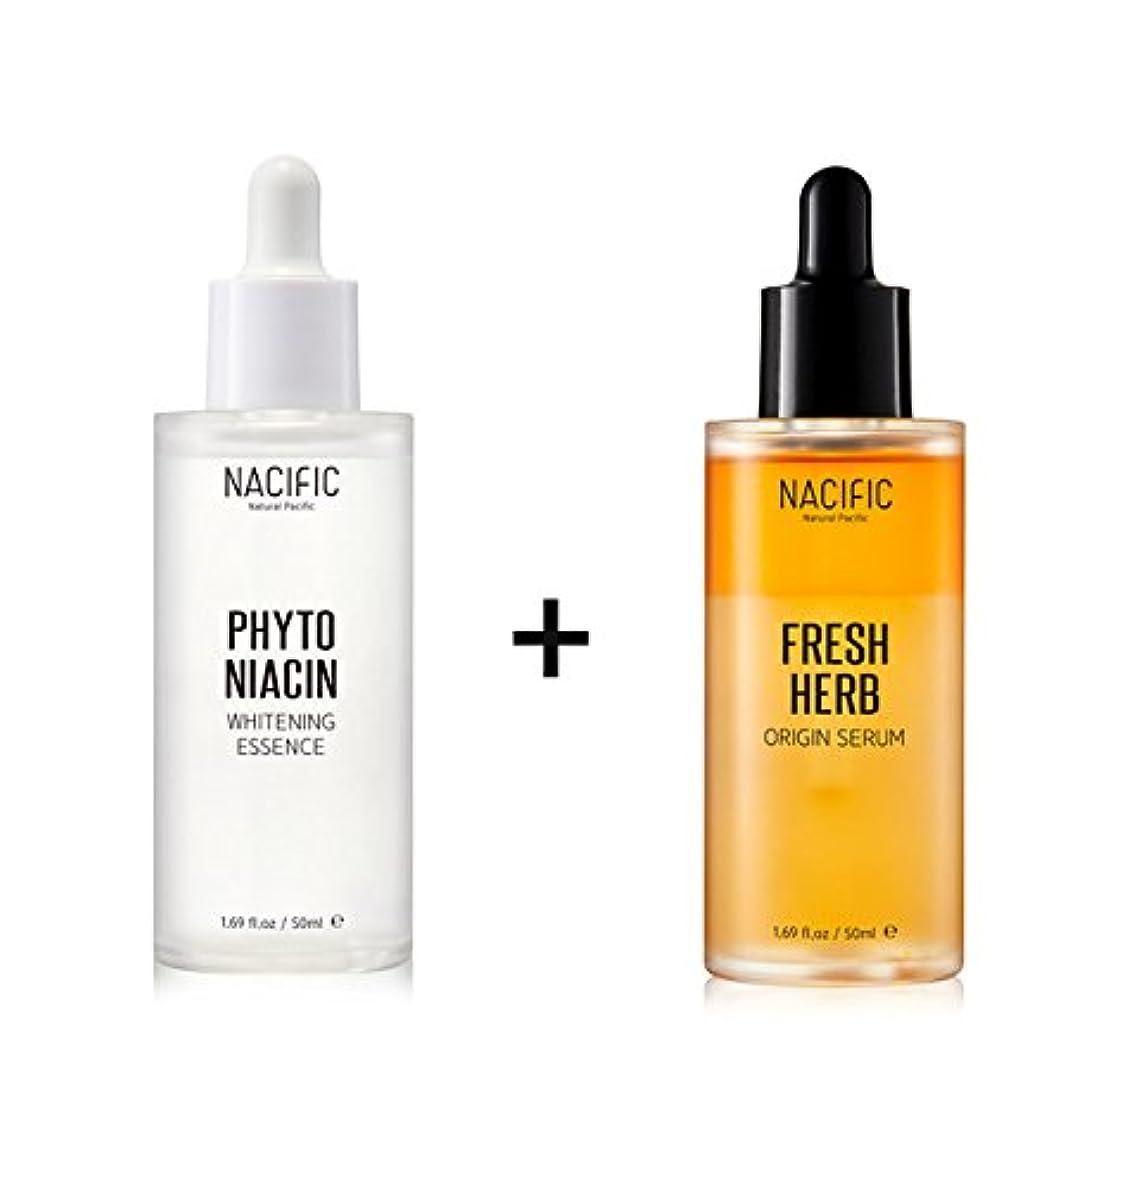 合唱団属性農業の[Renewal] NACIFIC Fresh Herb Origin Serum 50ml + Phyto Niacin Whitening Essence 50ml/ナシフィック フレッシュ ハーブ オリジン セラム...